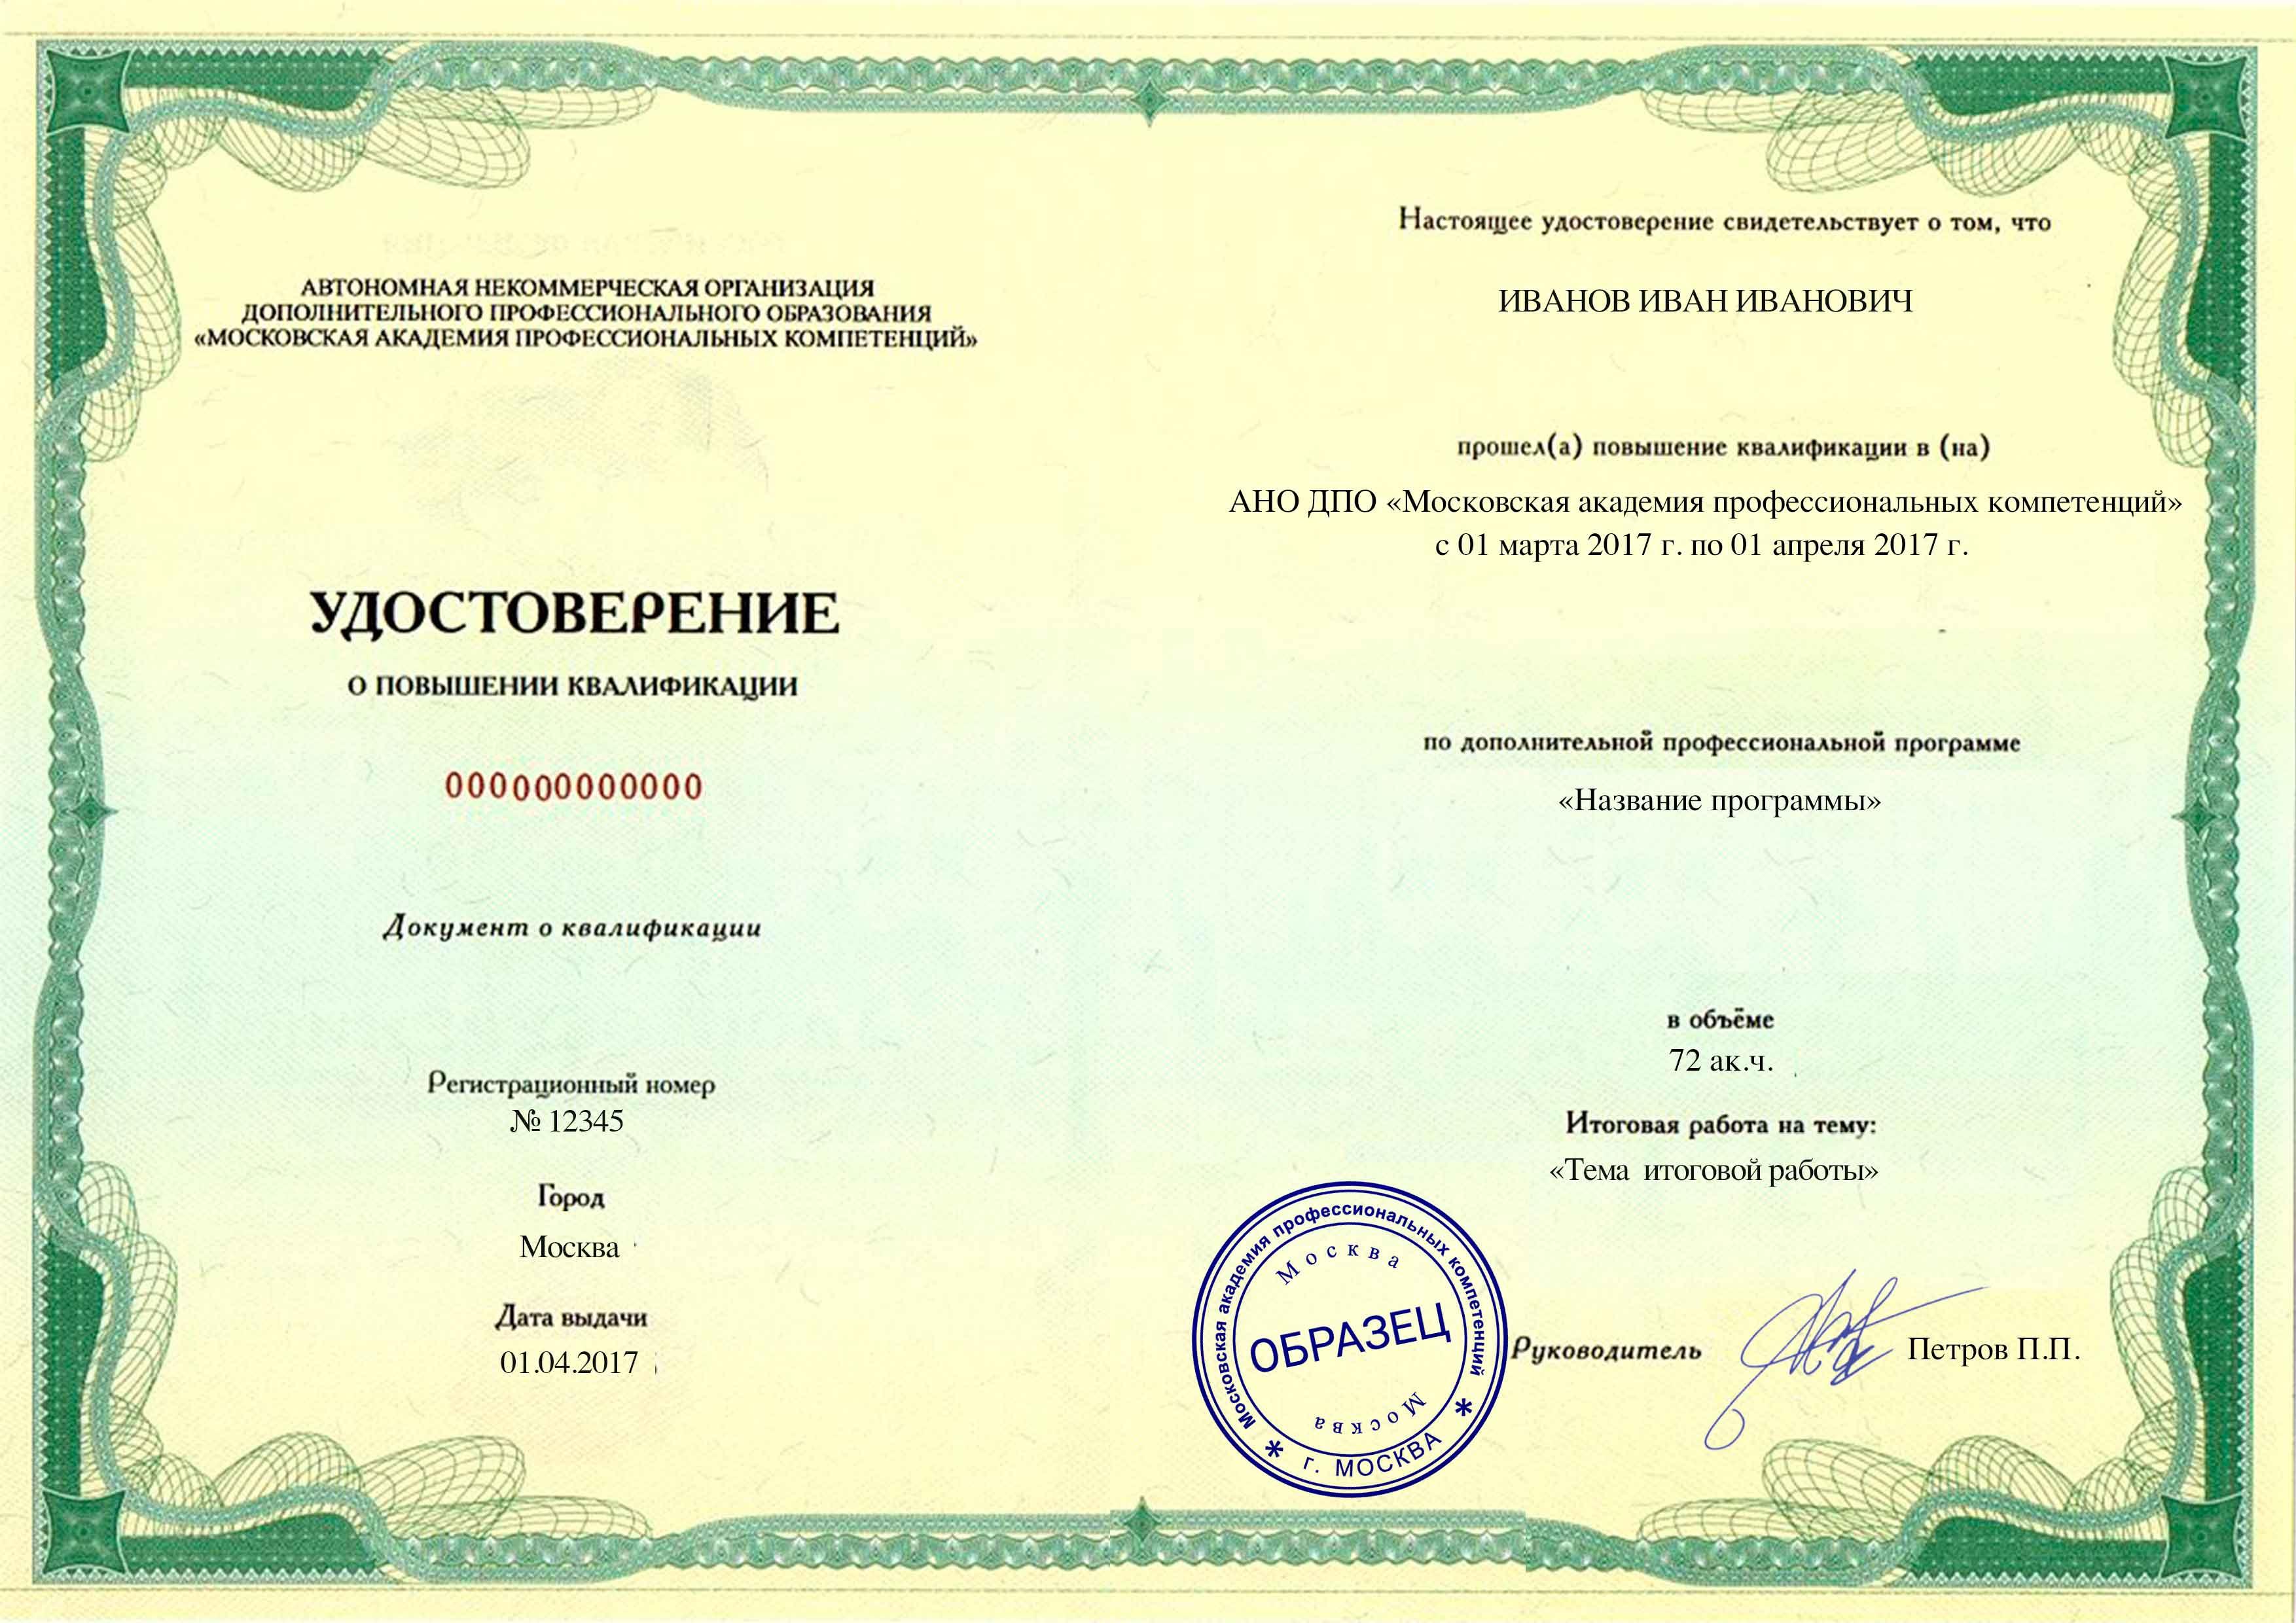 Повышение квалификации для воспитателей в москве противопожарная безопасность детских садиков